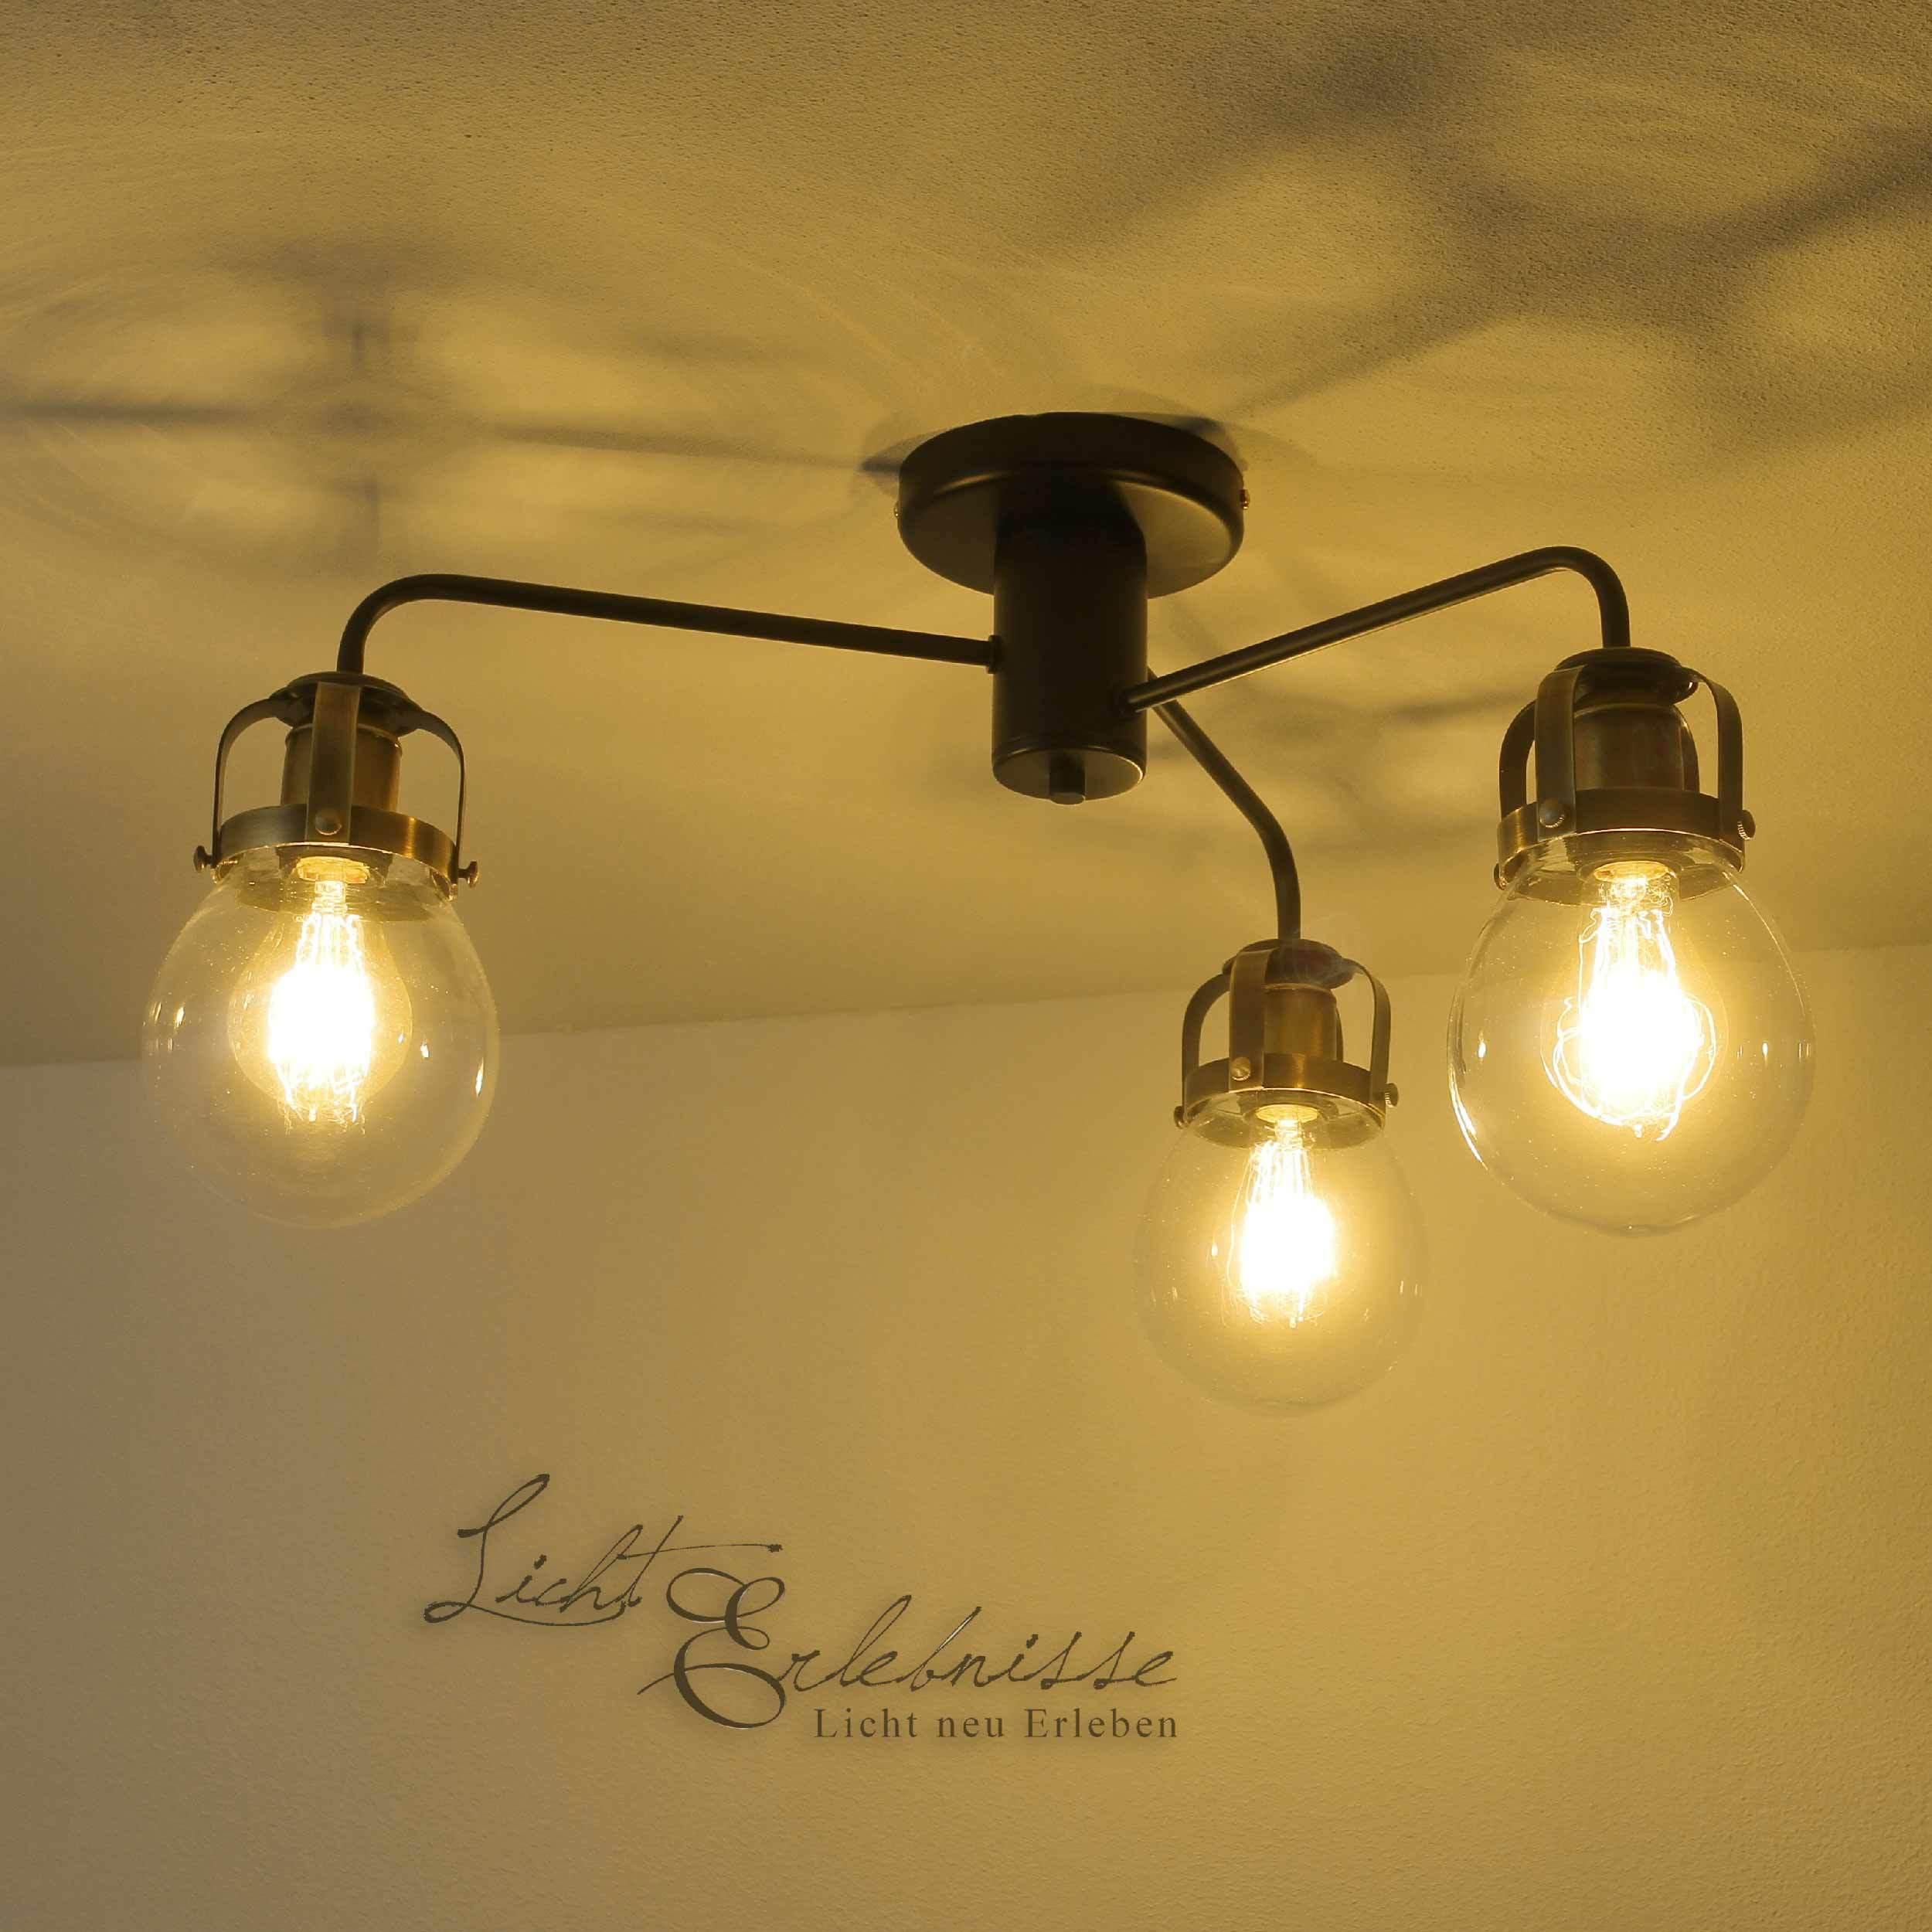 vintage deckenleuchte retro lampe designer metall e27